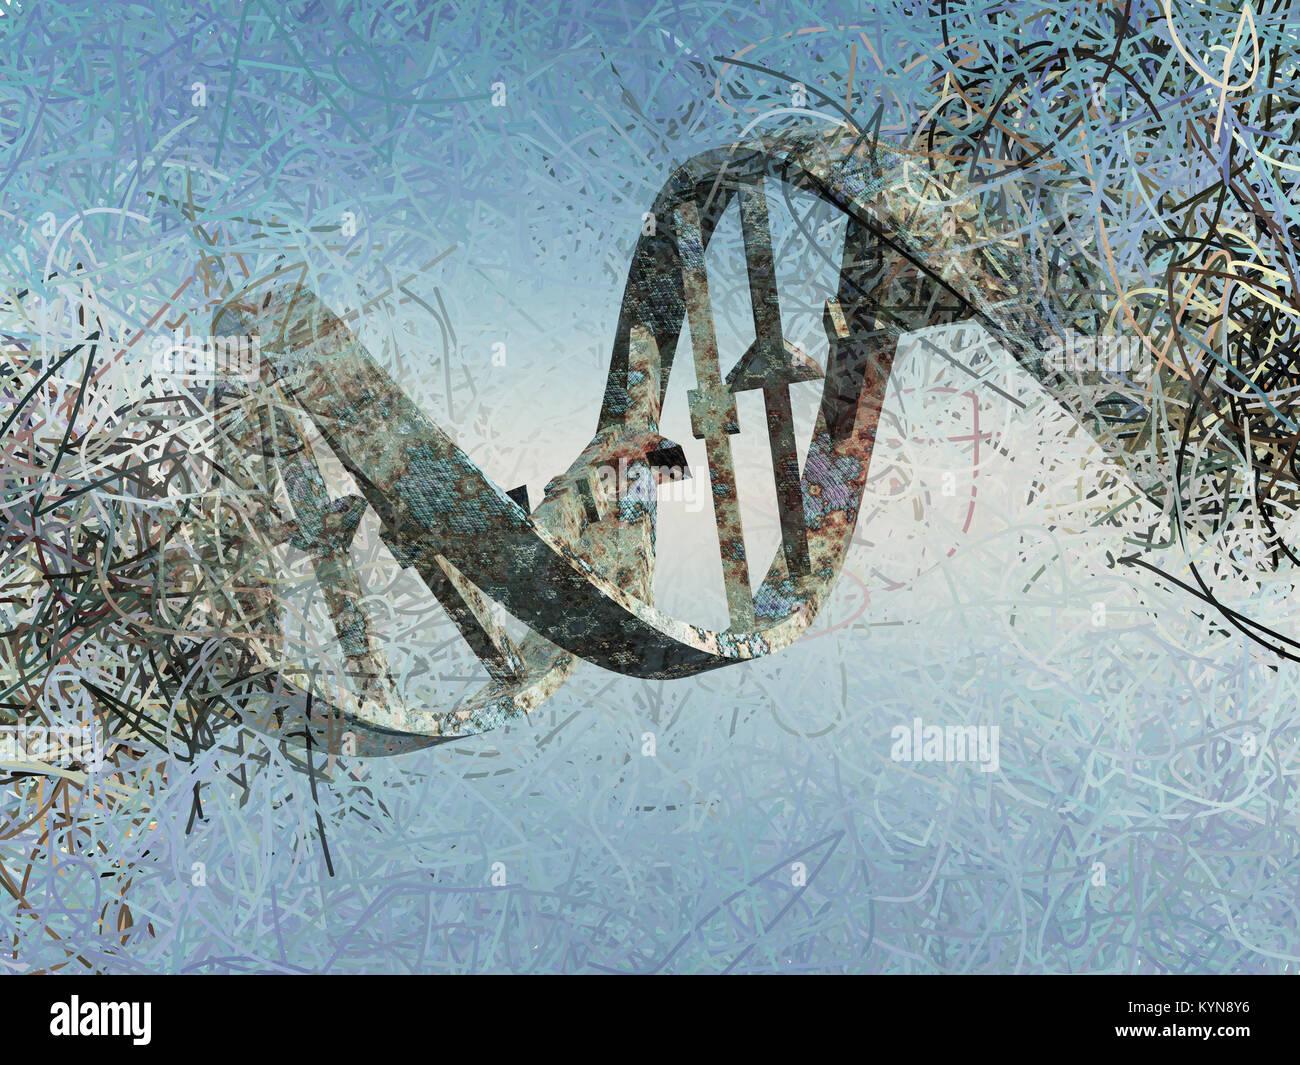 Surreal digital art. Damaged rusted DNA strands. - Stock Image